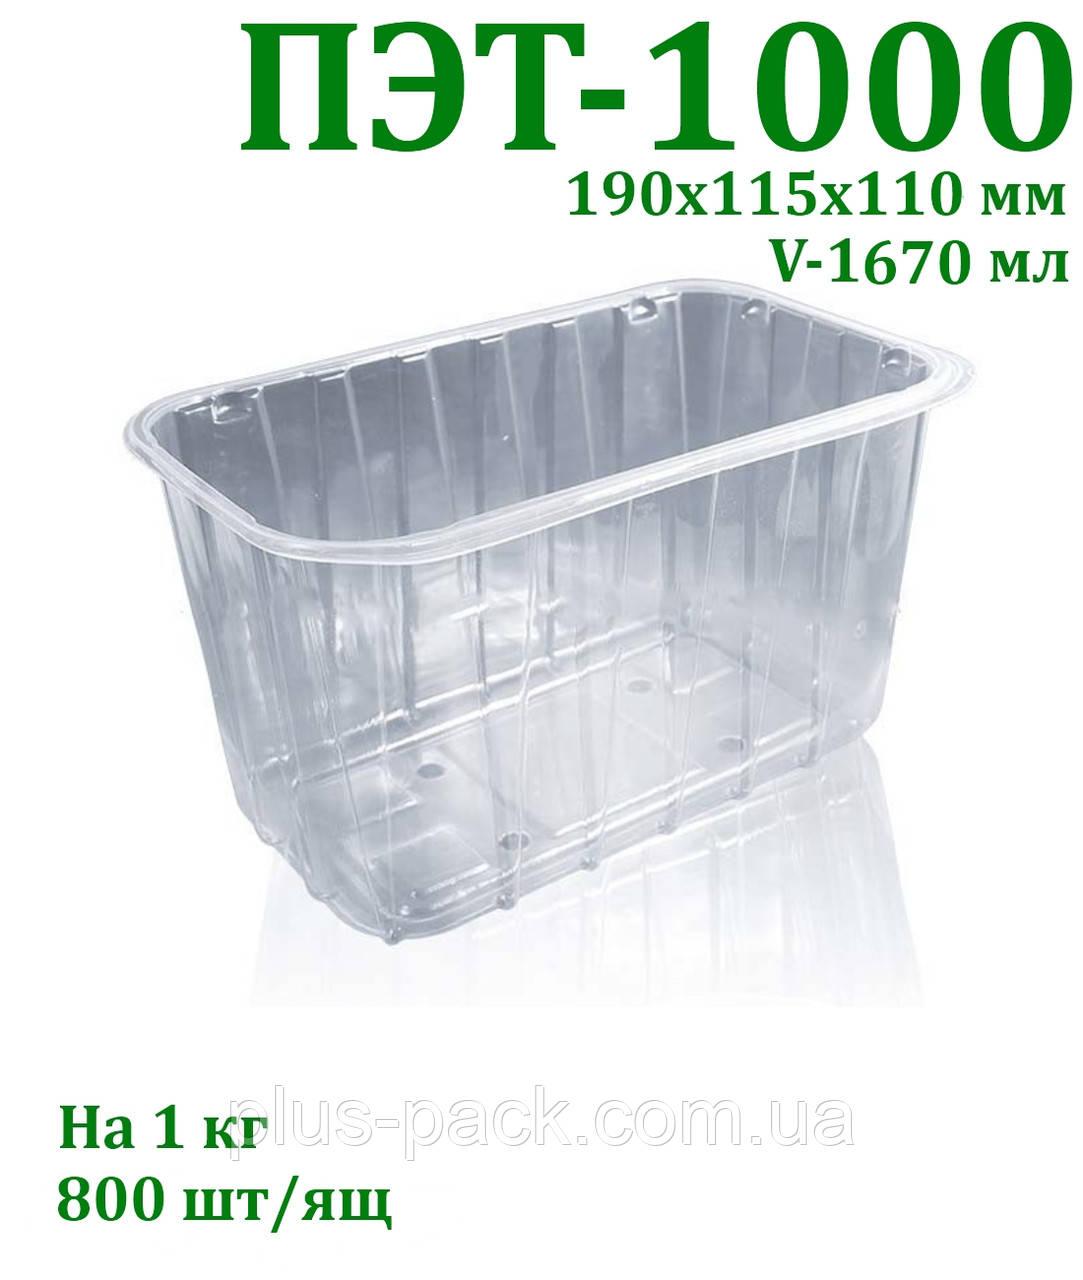 Упаковка для клубники 1 кг, 800шт/уп